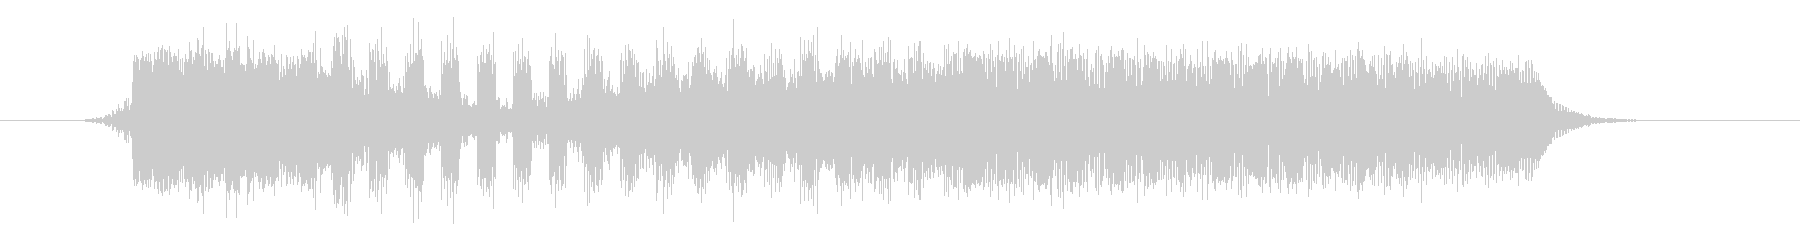 AMGアナログFX 46の未再生の波形